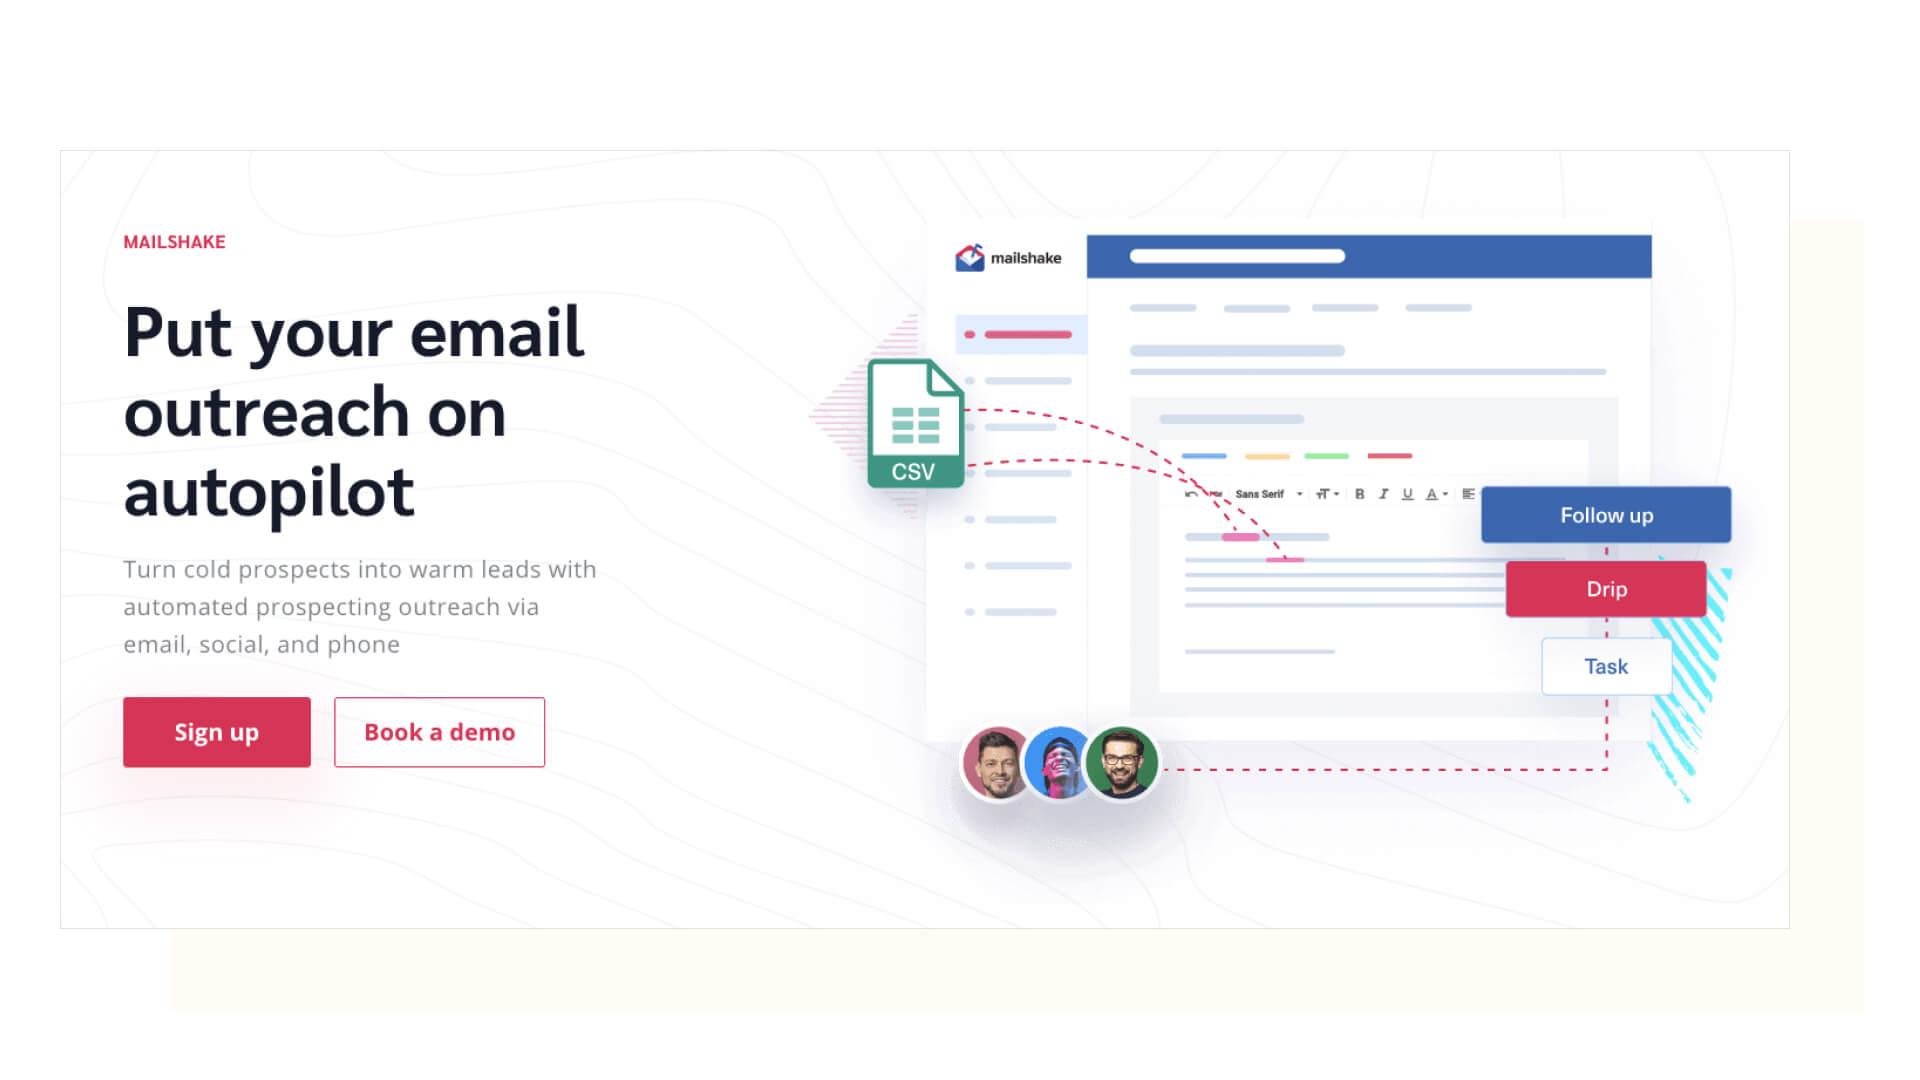 Mailshake Homepage Screenshot